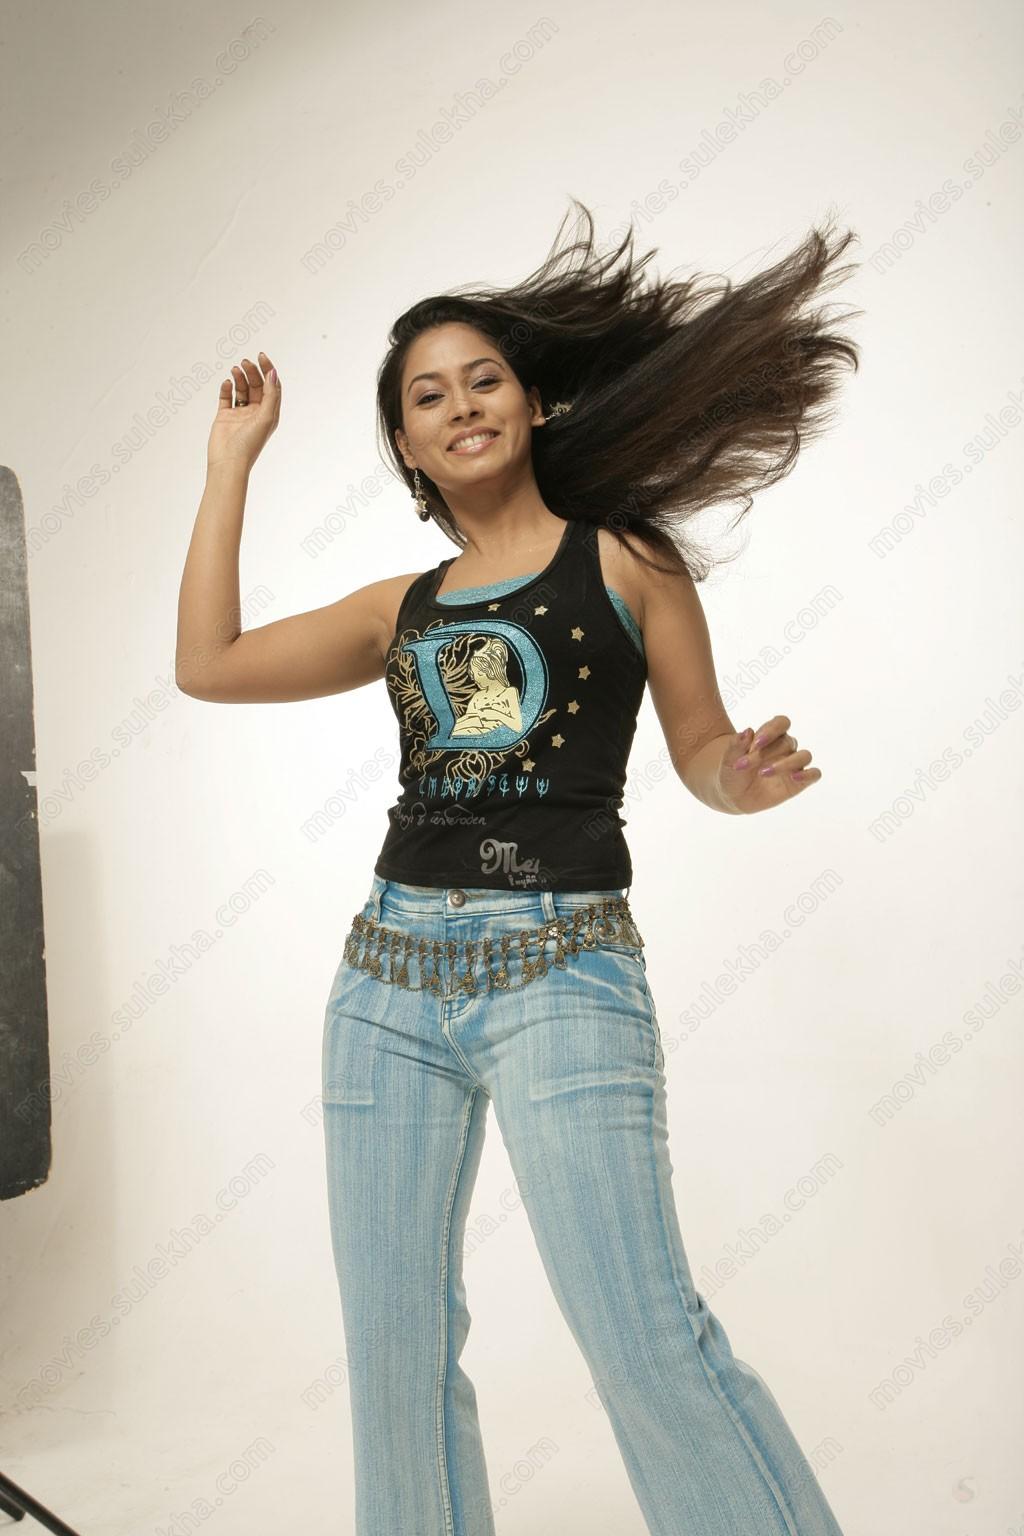 Sexy Look Actress Pooja Umashankar Hot Photos Pooja -4276